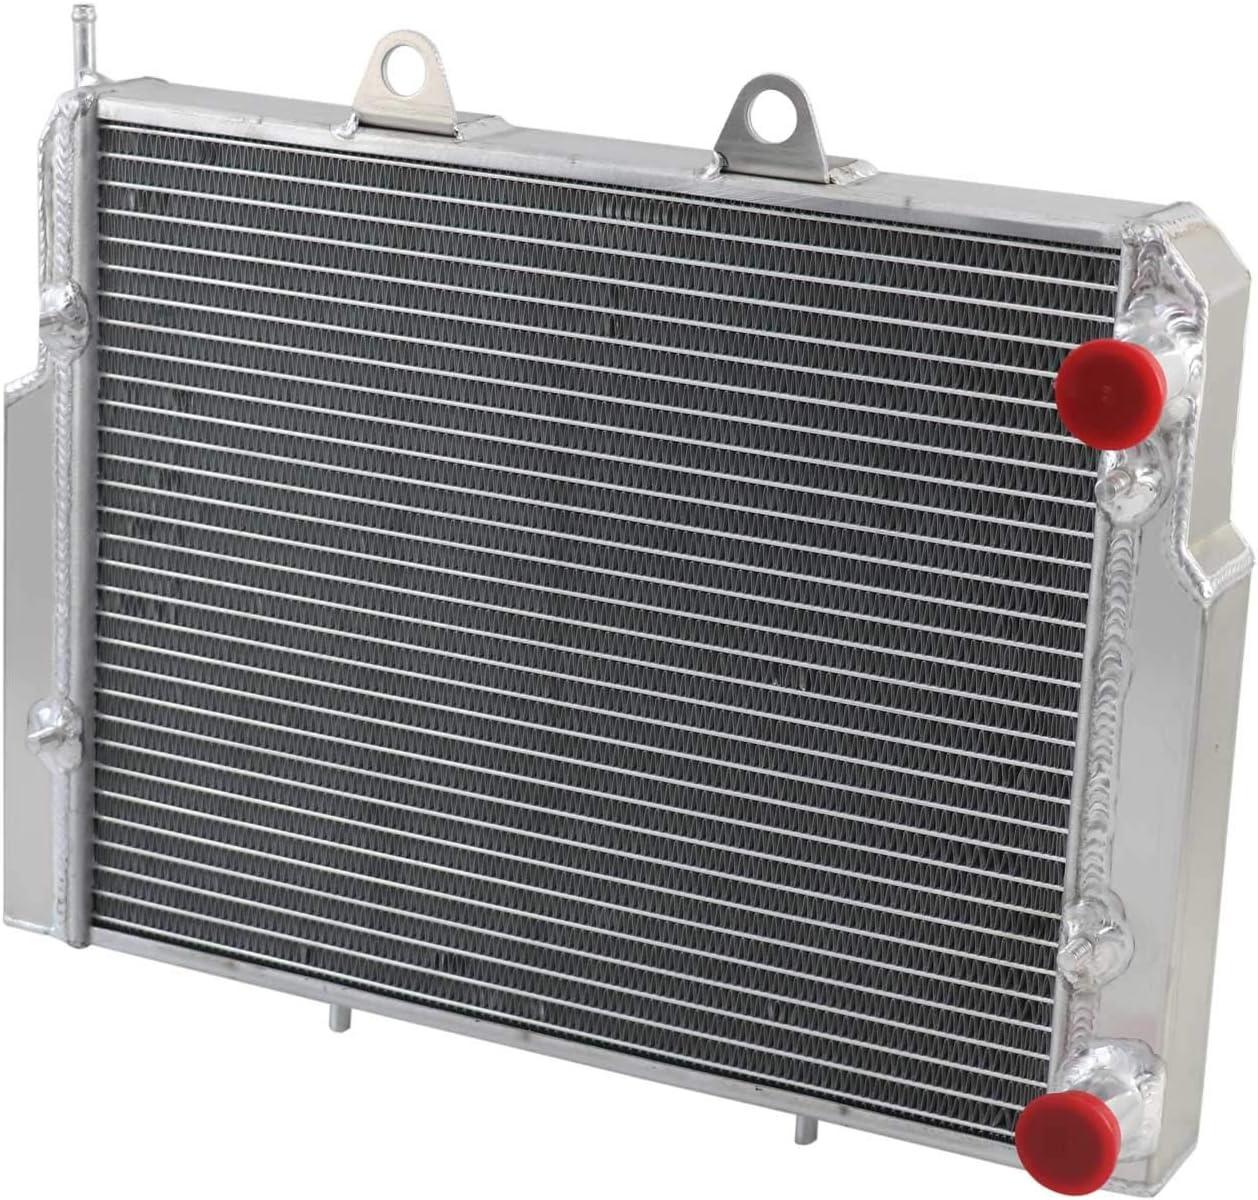 NGK Resistor Sparkplug BKR7E for Polaris RANGER RZR S 800 2009-2014